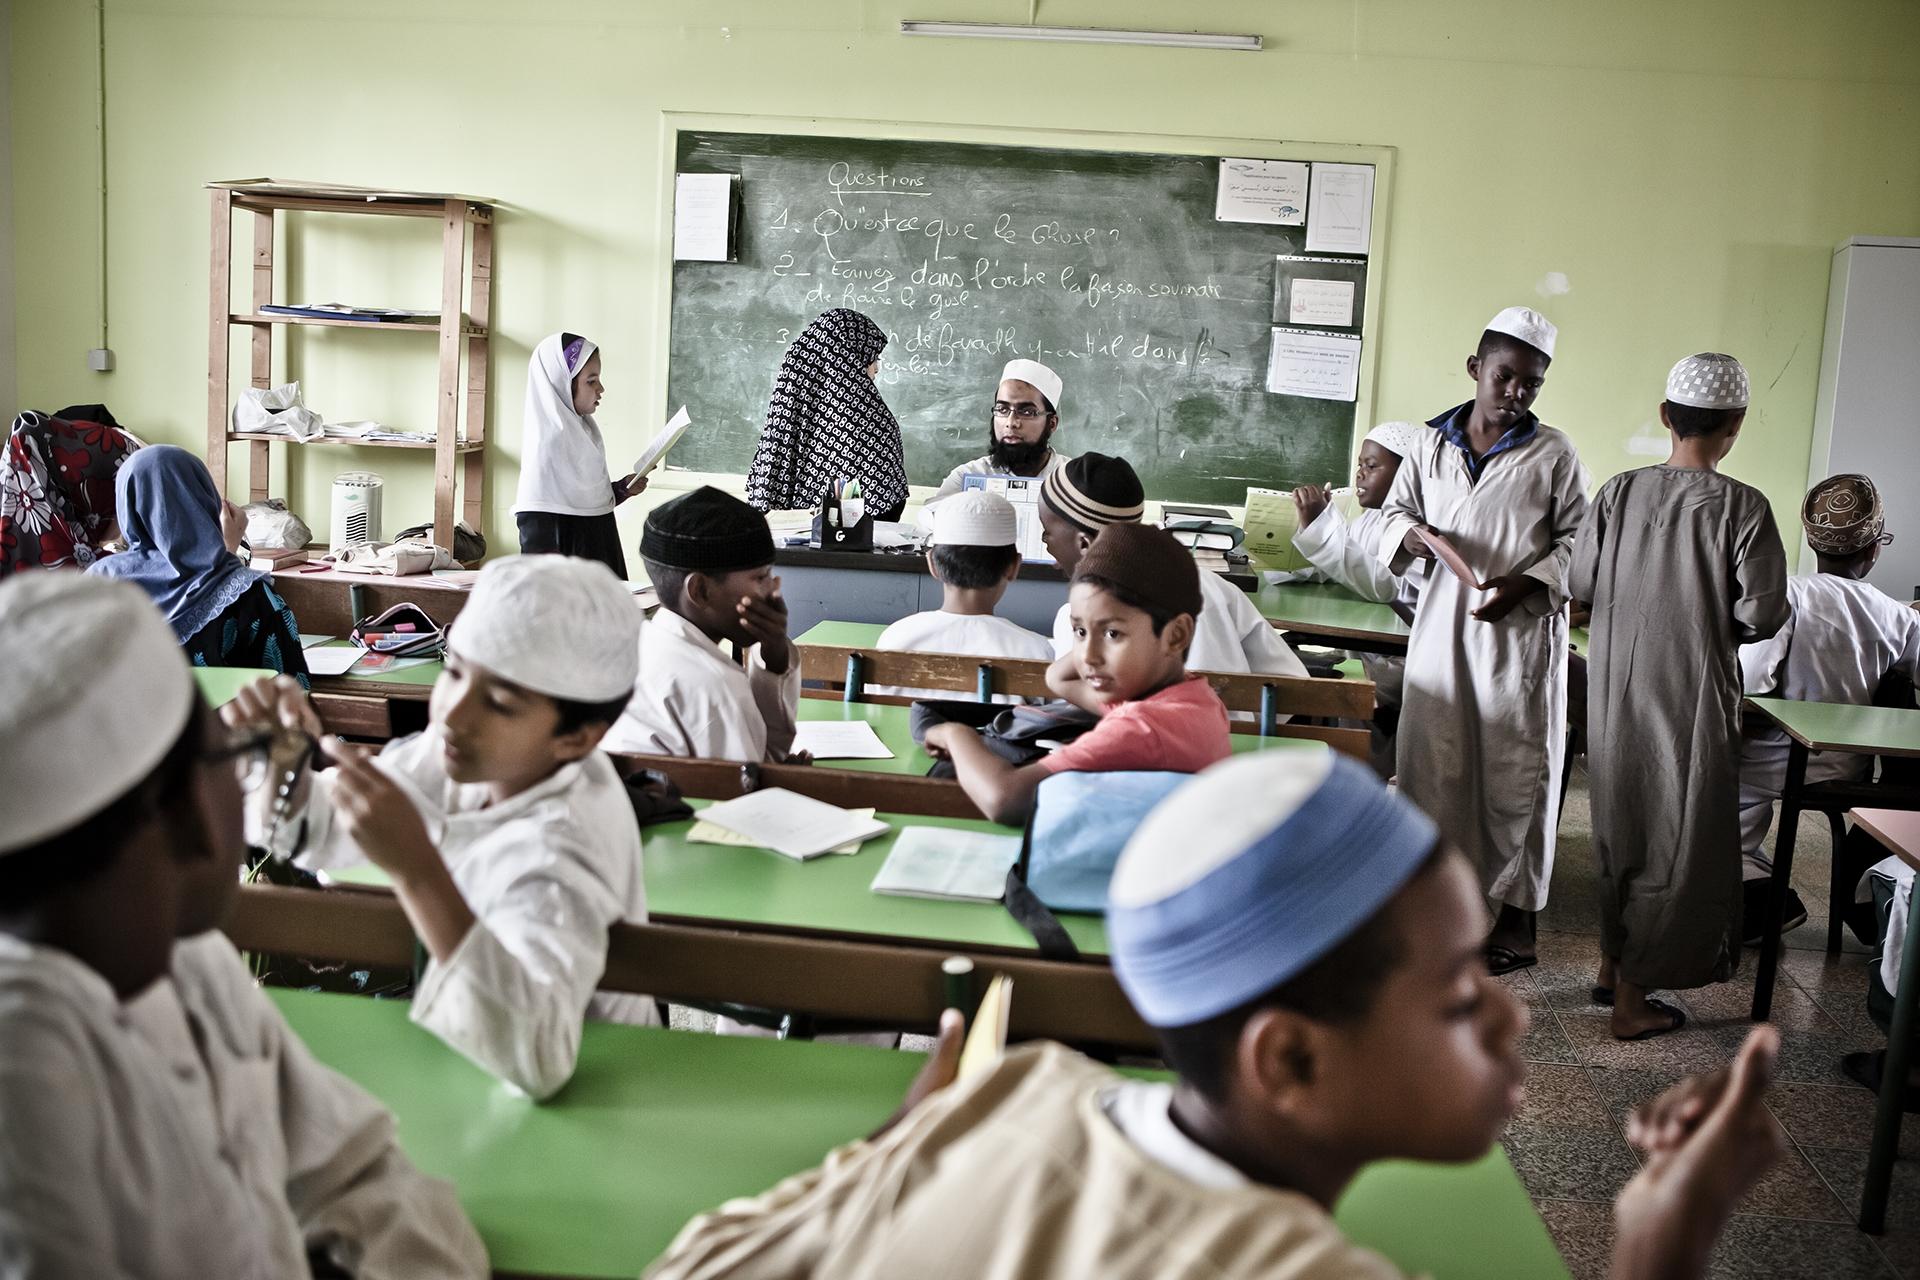 Médersa de Saint-Pierre, Ile de la Réunion. Novembre 2012.Les enfants qui viennent étudier à la médersa suivent des cours très tôt le matin et le soir en semaine, ainsi que les mercredi et samedi toute la journée. Ils fréquentent en outre les écoles, collèges et lycées publics. Les élèves de la médersa sont pour la majorité d'entres-eux âgés de 4 à 12 ans. La médersa propose aussi des cours à des élèves plus âgés et à des adultes qui viennent pour approfondir leurs connaissances religieuses.